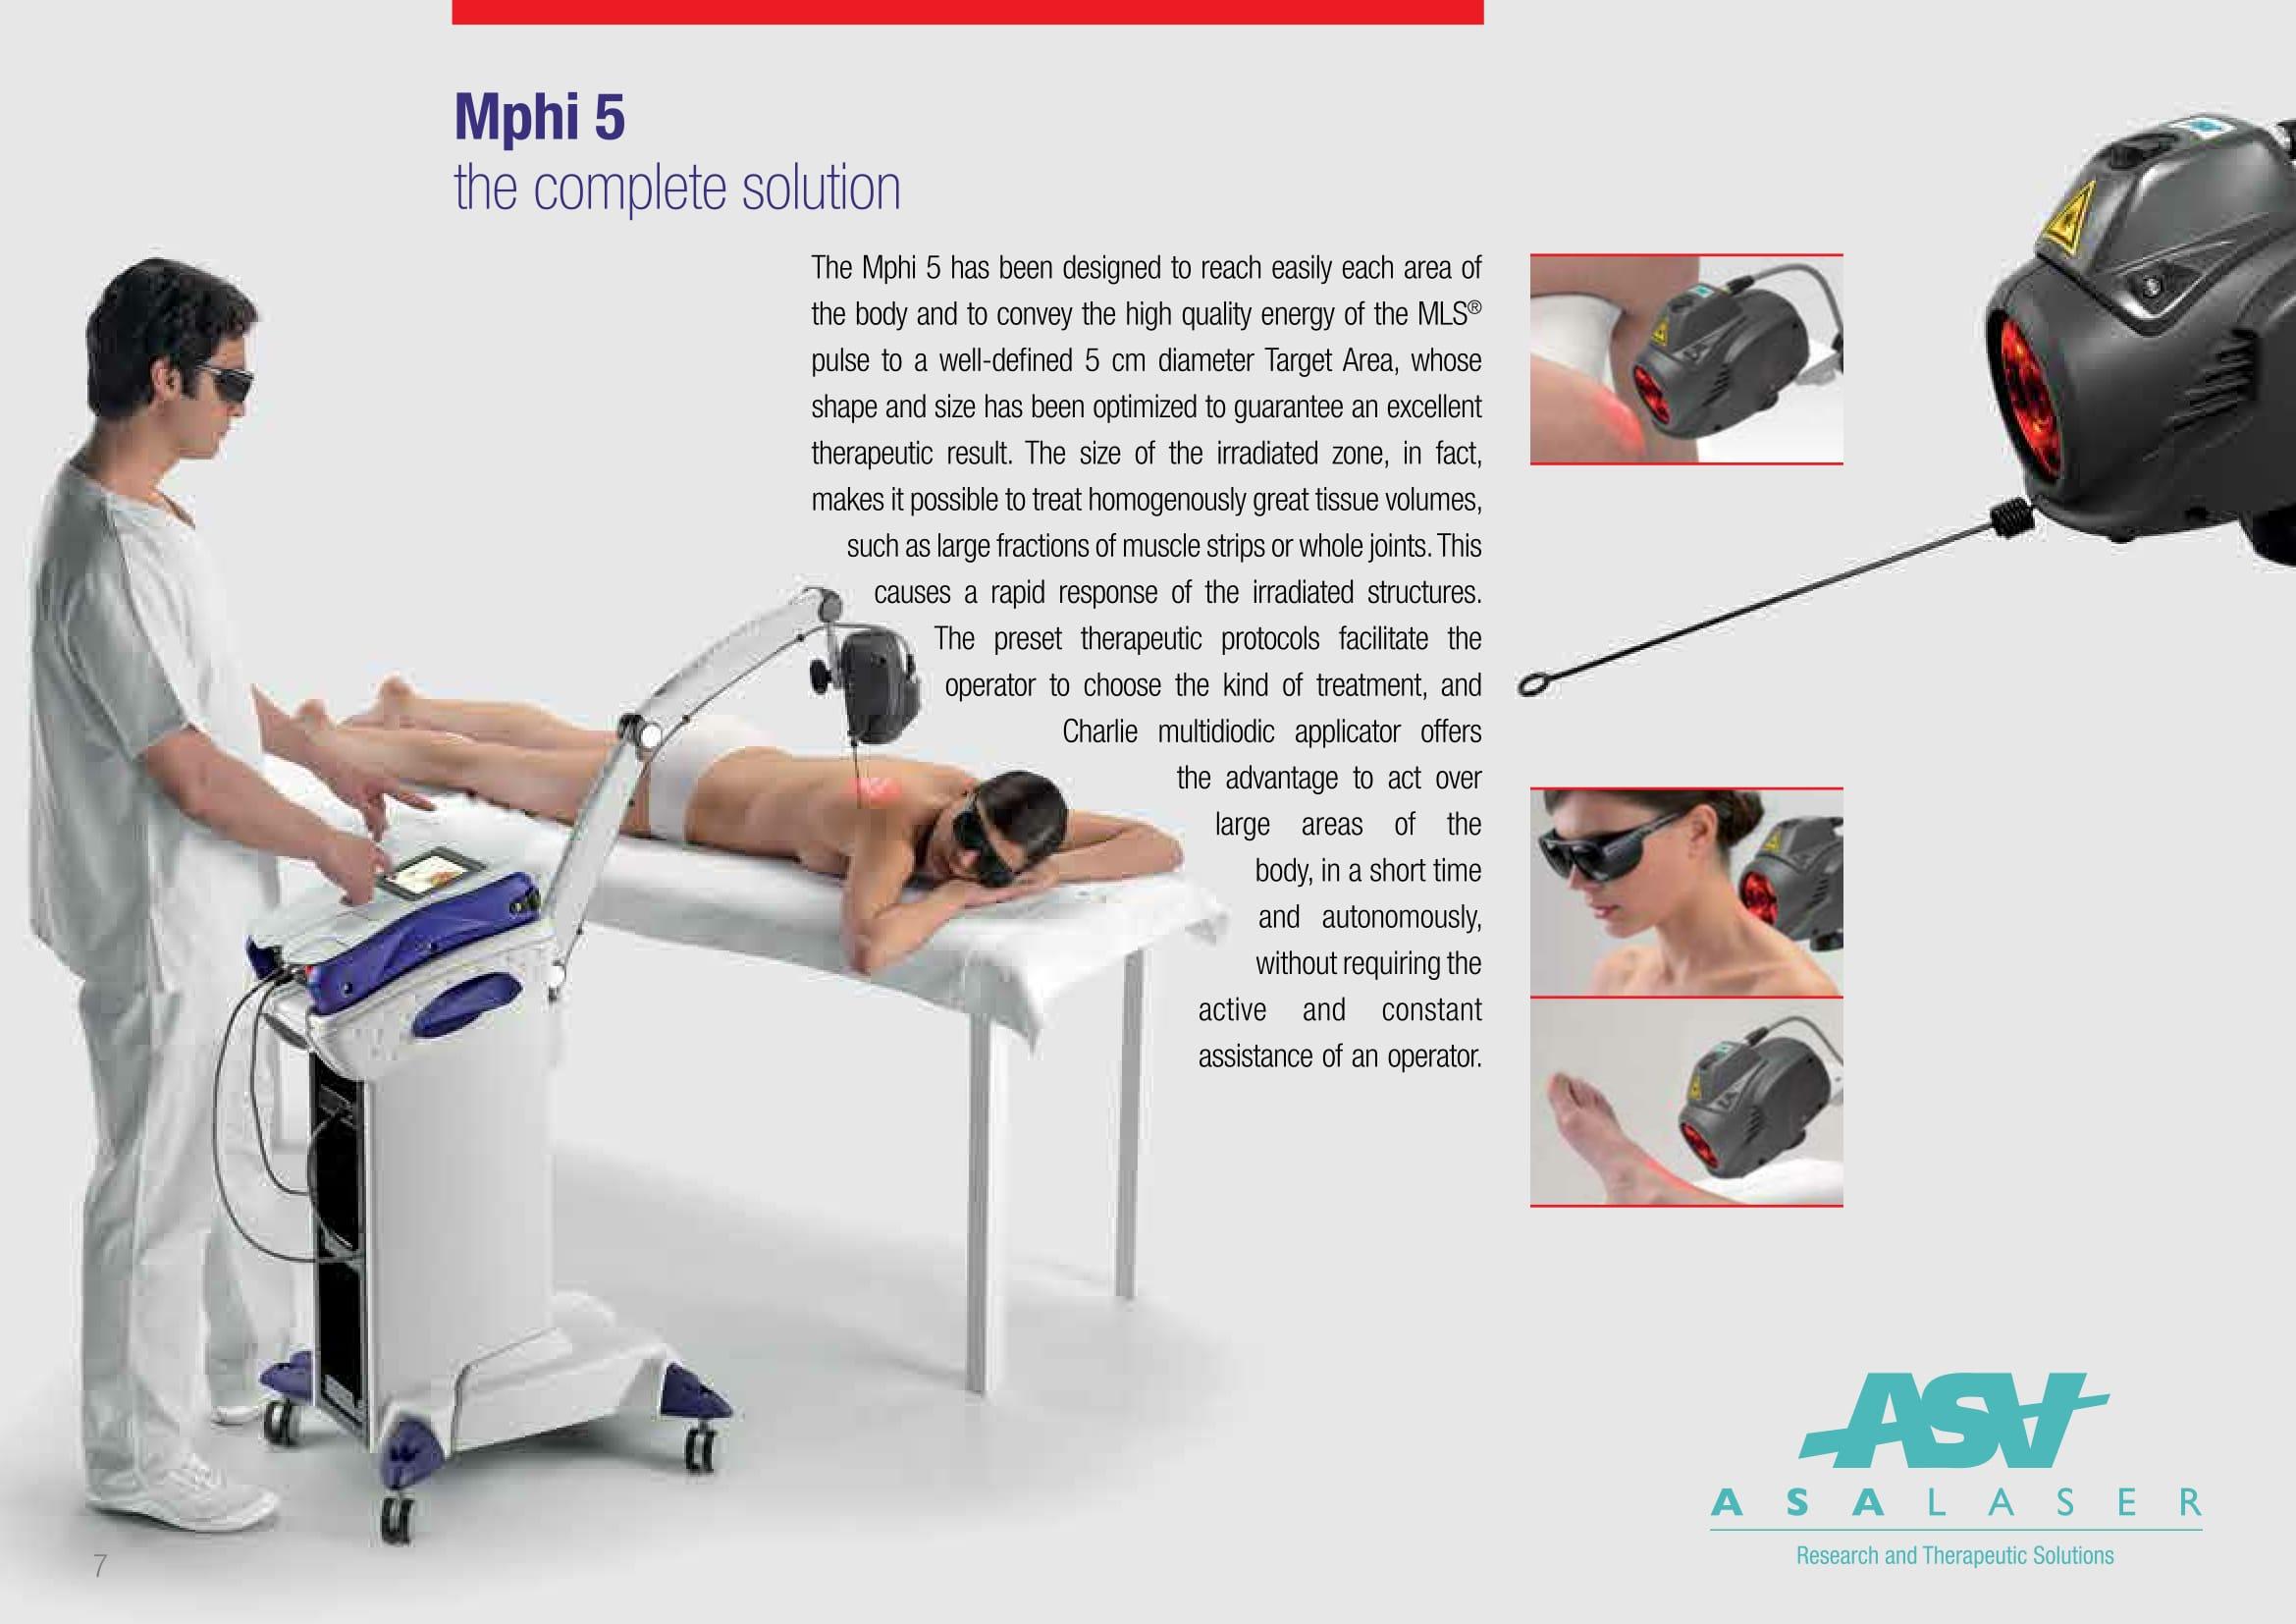 MLS-MPHI-MPHI5-M6-05